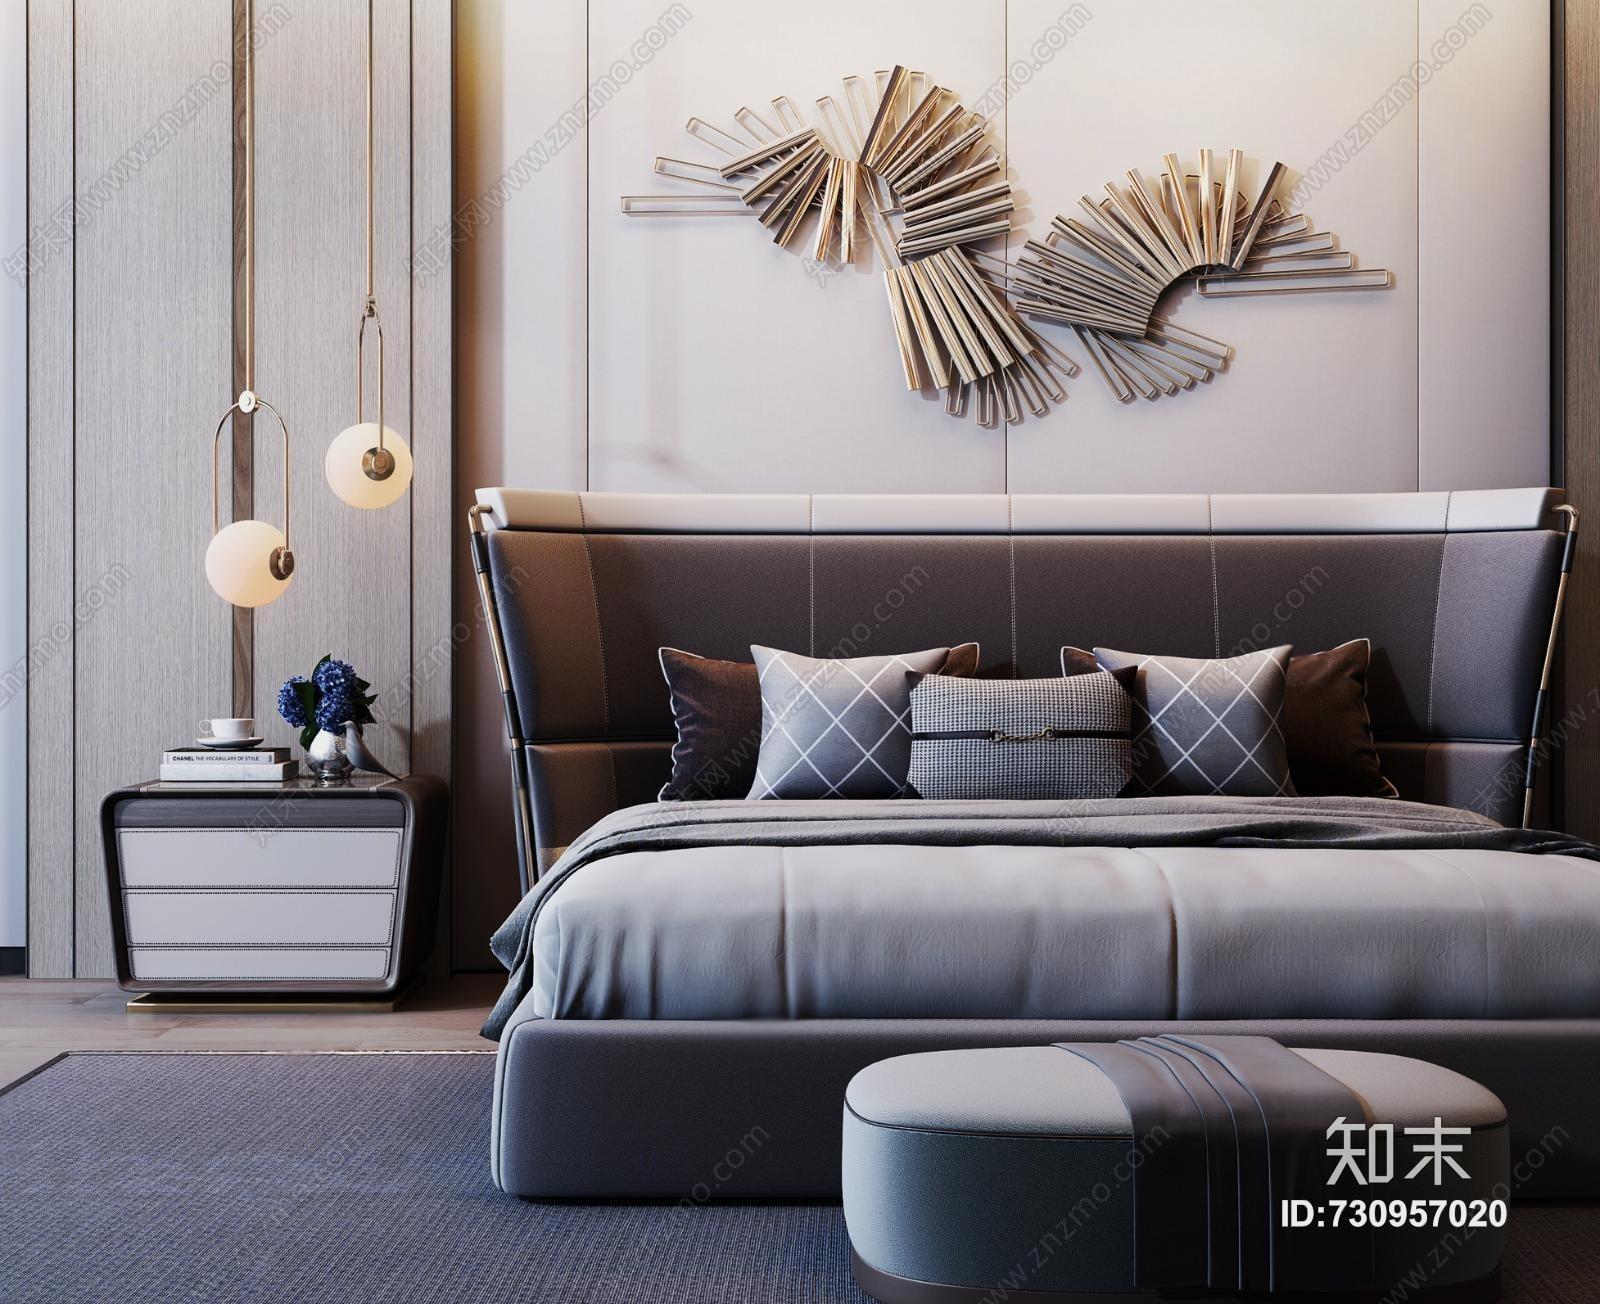 现代双人床 墙饰 吊灯 床头柜 床尾凳